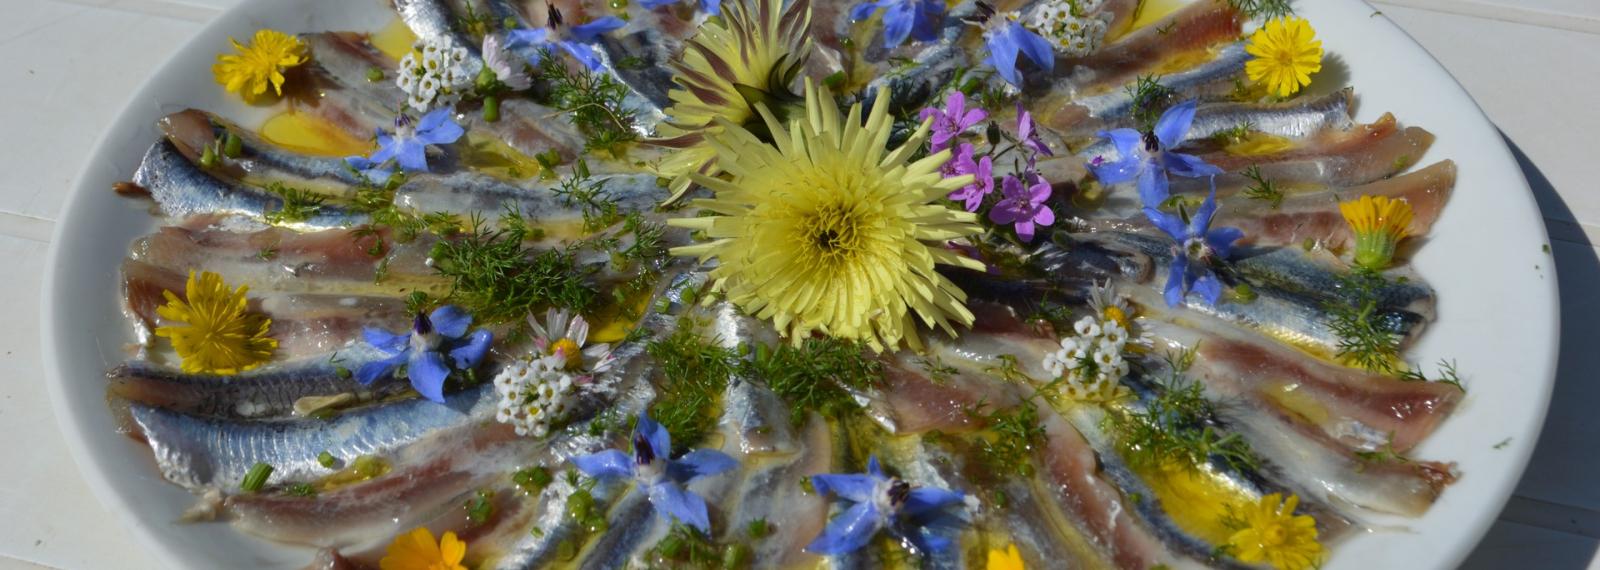 Le Mas des Collines - Ateliers des plantes sauvages